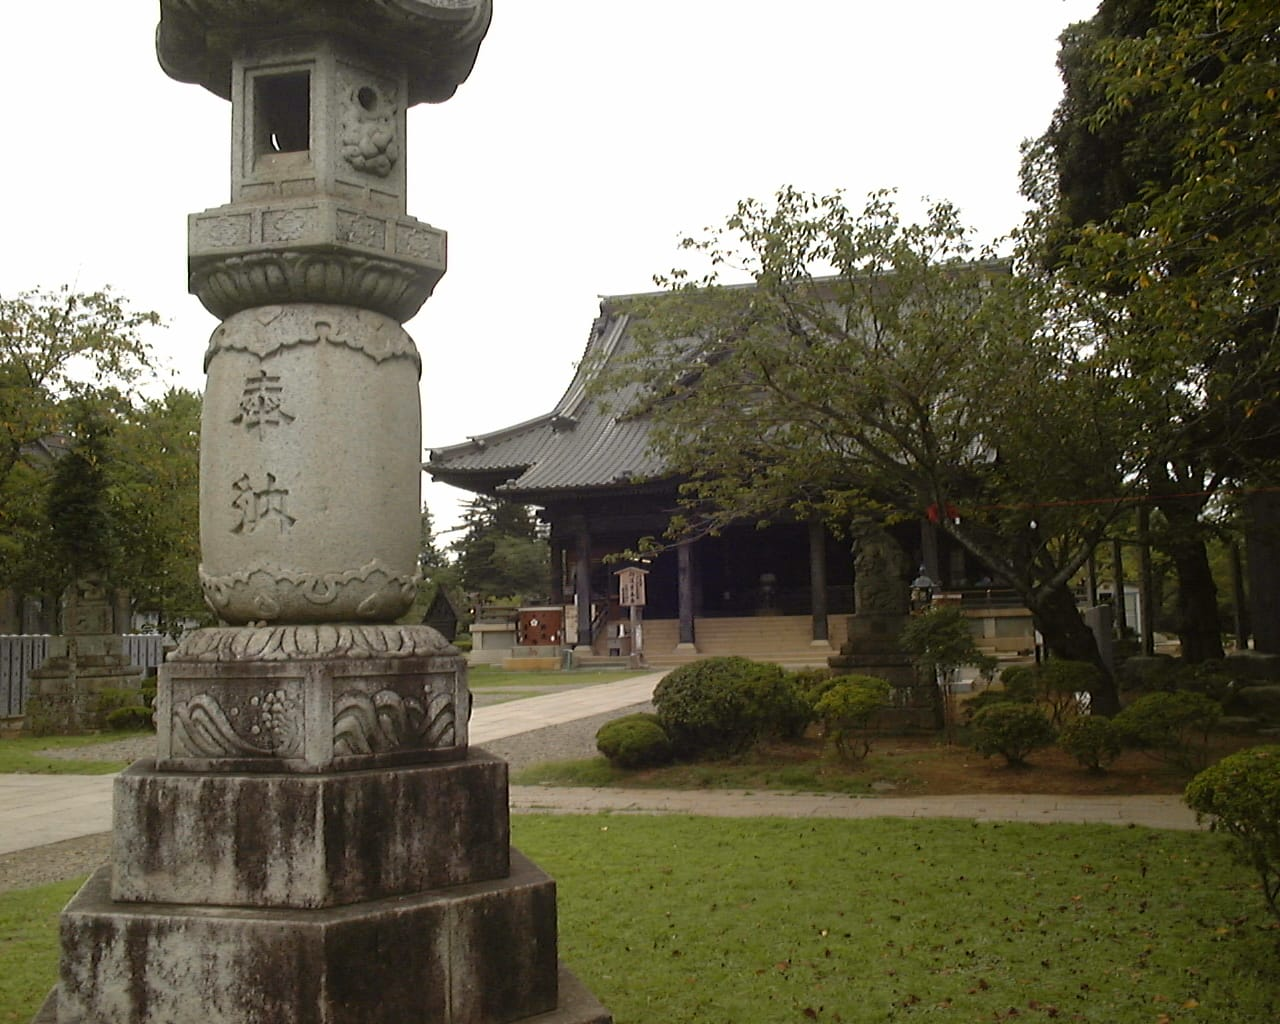 Maura O'Halloran, Zen, Japan, Shambhala Sun, Lion's Roar, Buddhism